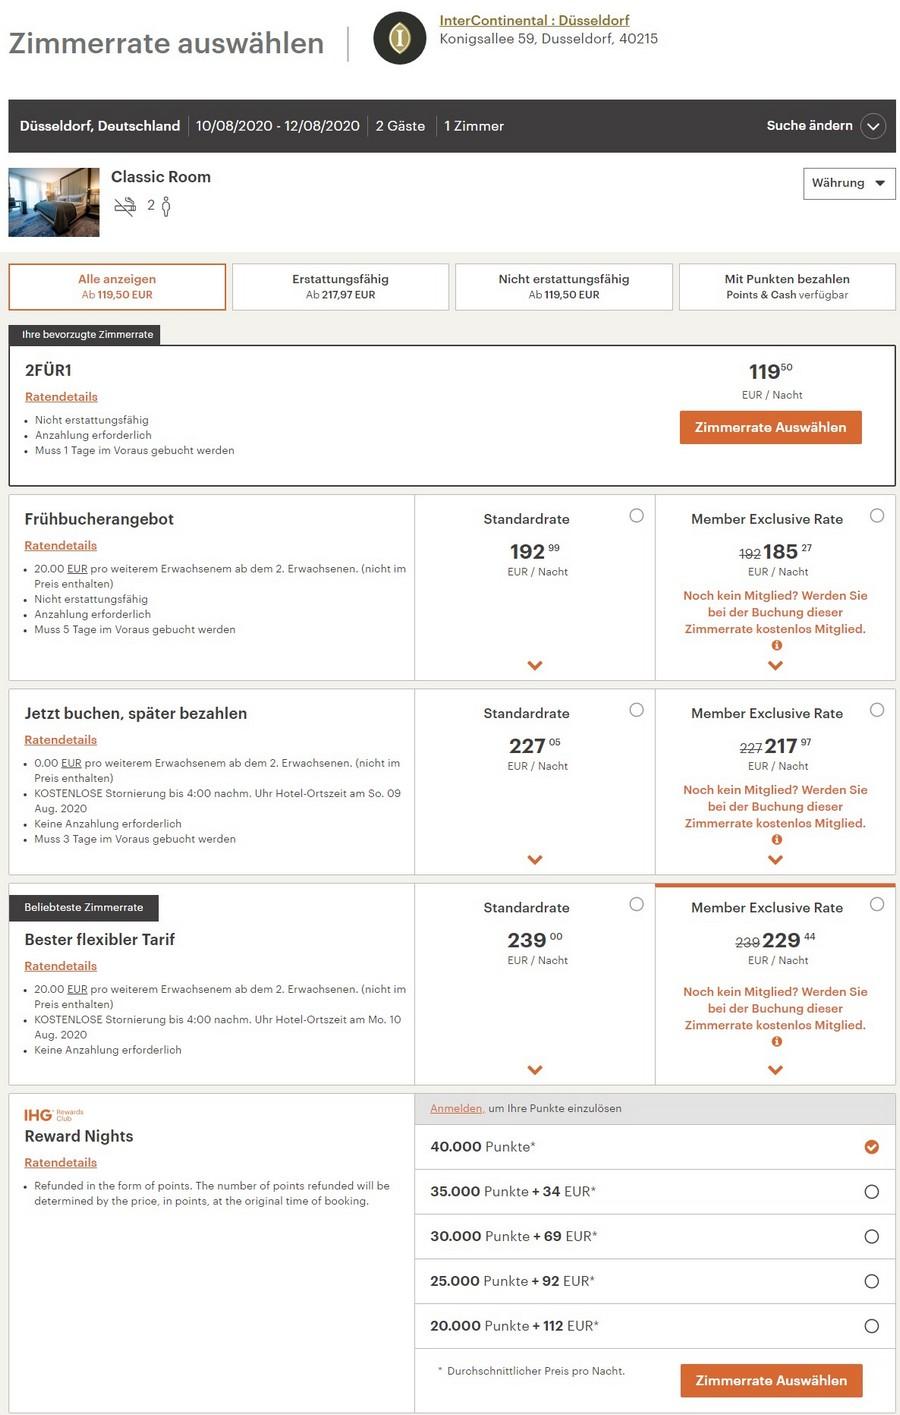 Verfügbarkeit des IHG 2=1 Angebotes für Buchungen bis 24.08.2020 im InterContinental Düsseldorf